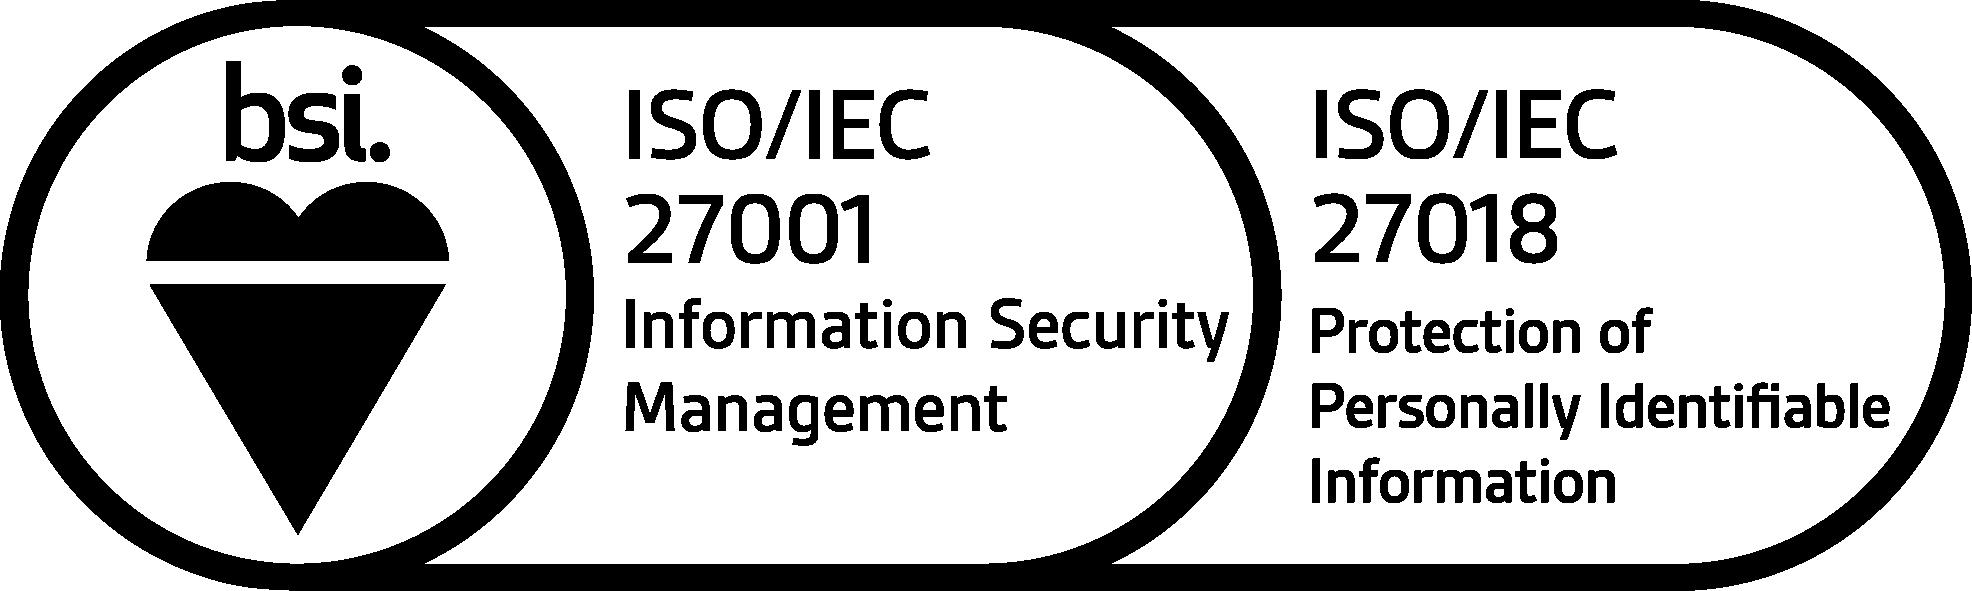 black-27001-27018